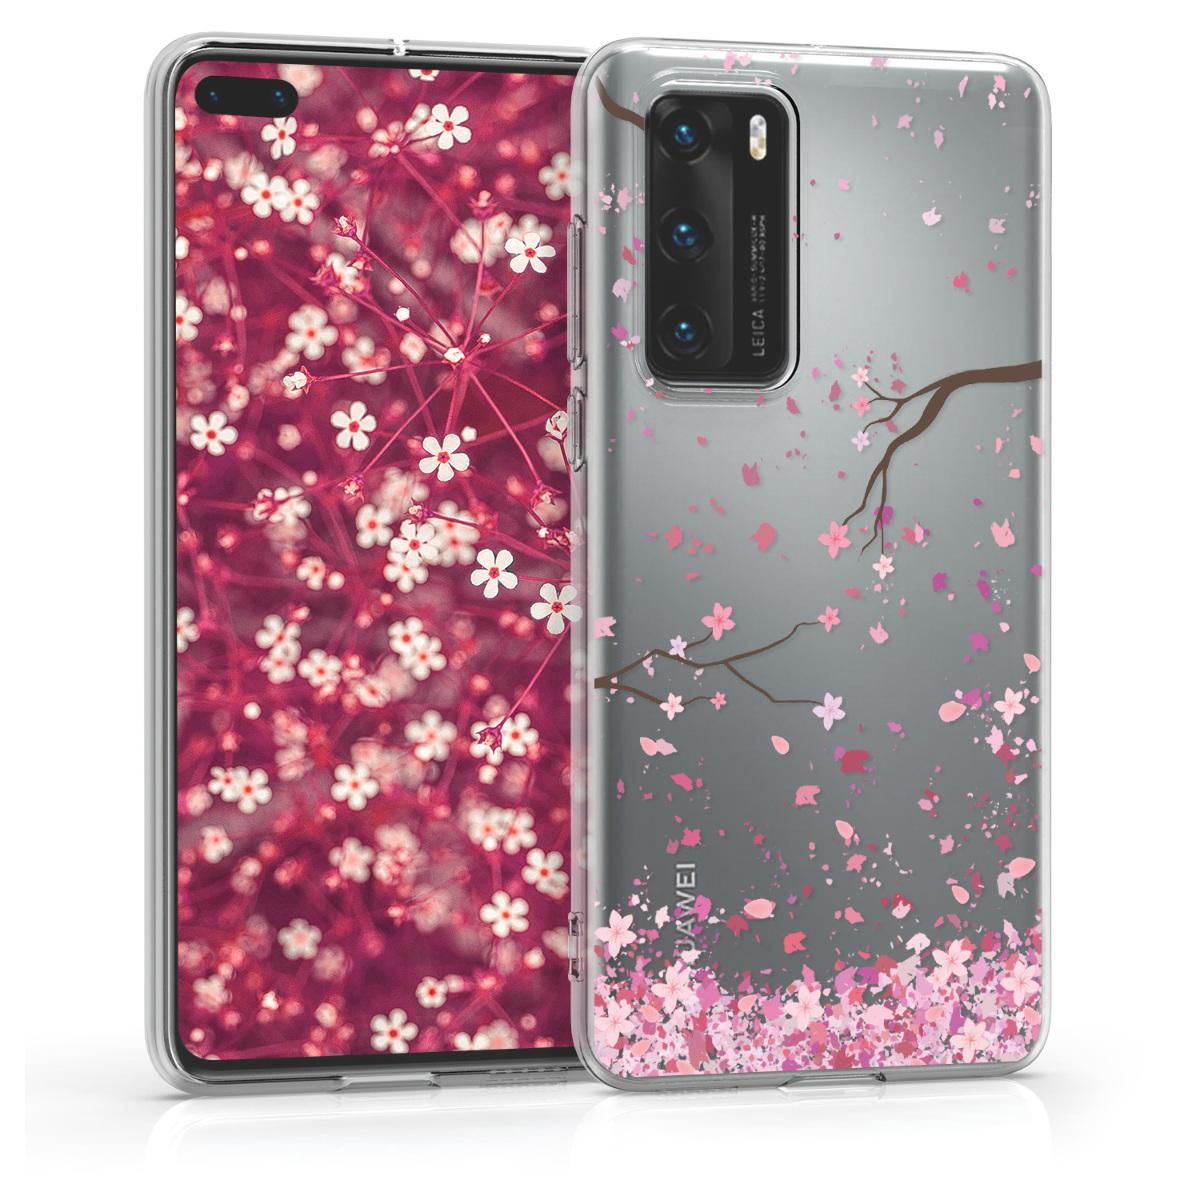 Růžové silikonové pouzdro / obal s motivem třešnových květů pro Huawei P40